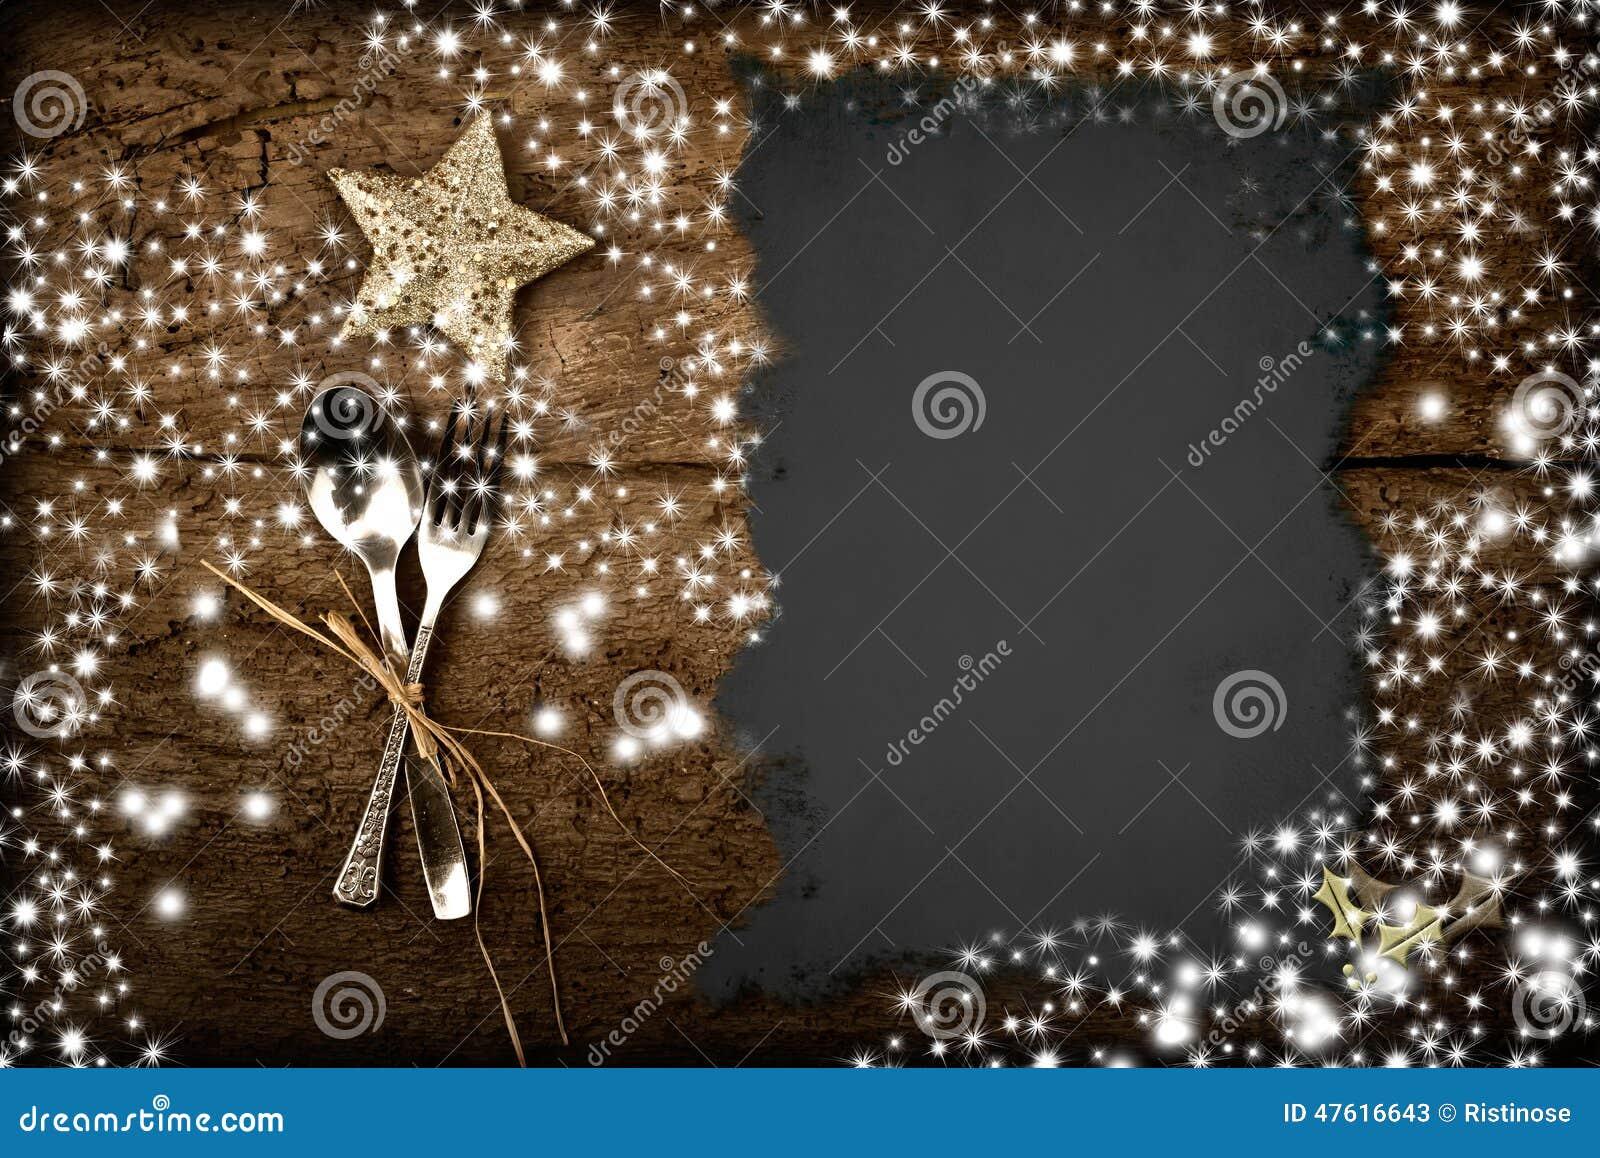 Decoration De Menu De Noel.Fond Pour Ecrire Le Menu De Noel Image Stock Image Du